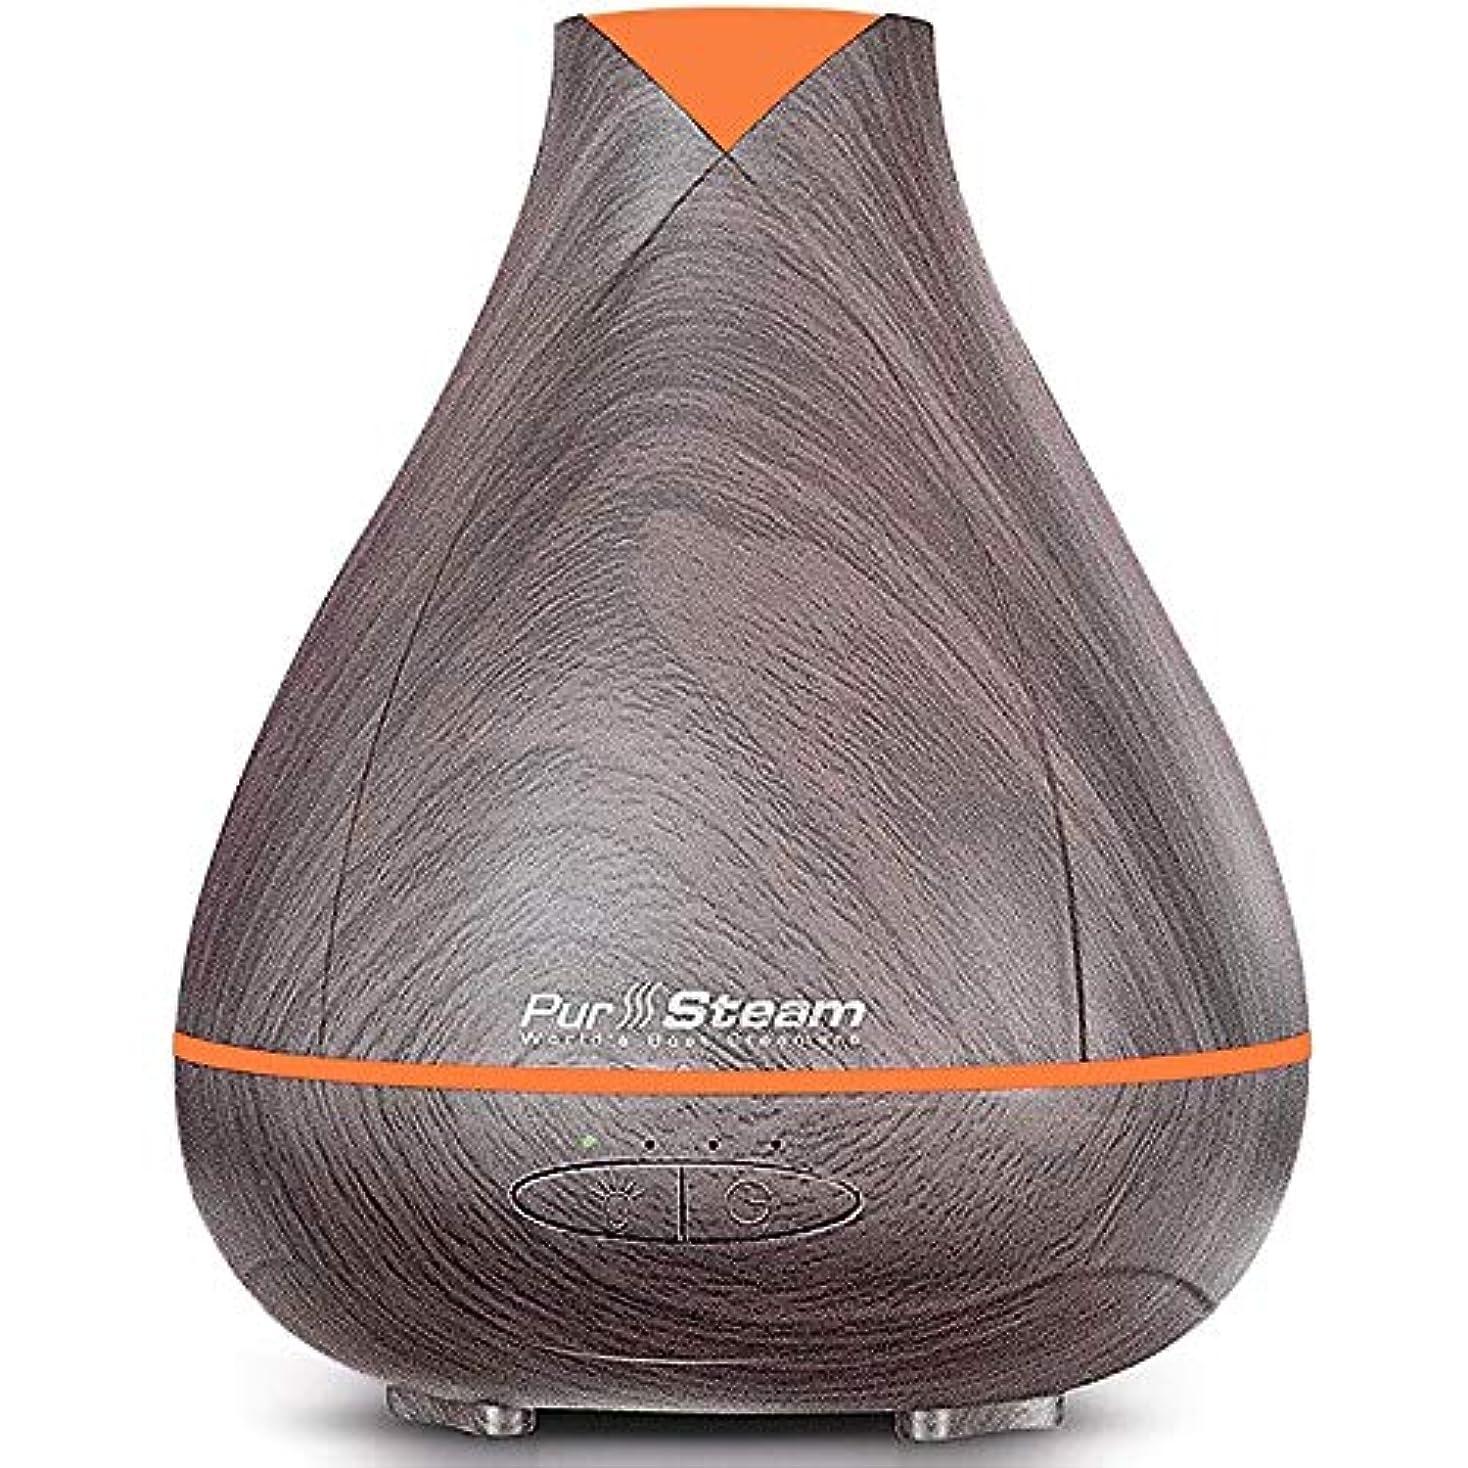 誤解を招く溶融囲むPurSteam Essential Oil Diffuser, Wood Grain Aromatherapy Diffuser Ultrasonic Cool Mist Humidifier with Color LED...